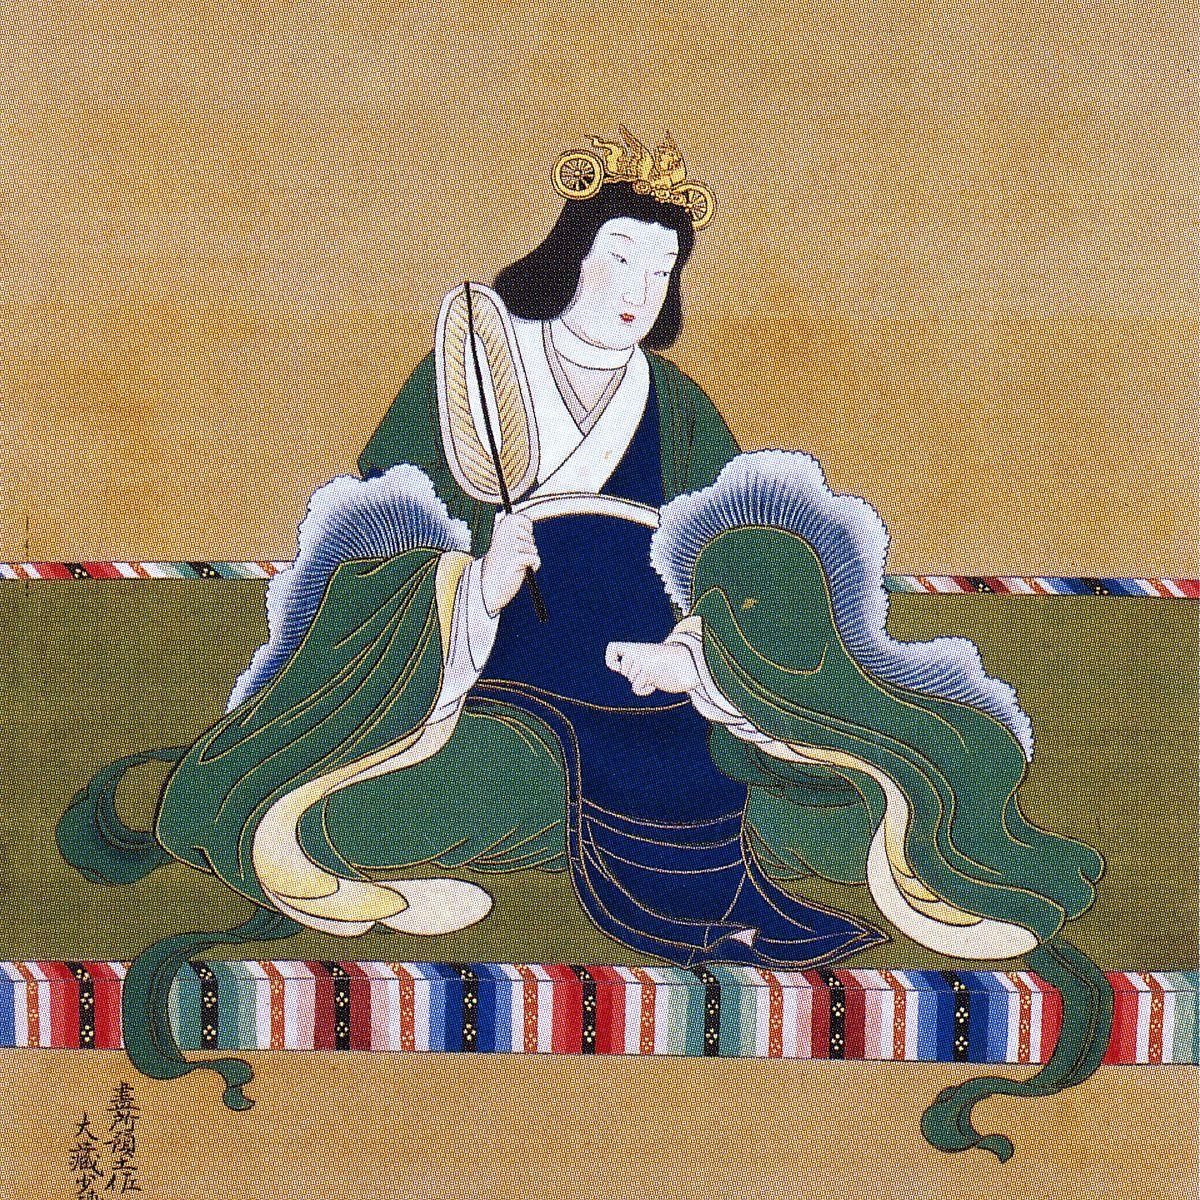 推古天皇 - Wikipedia